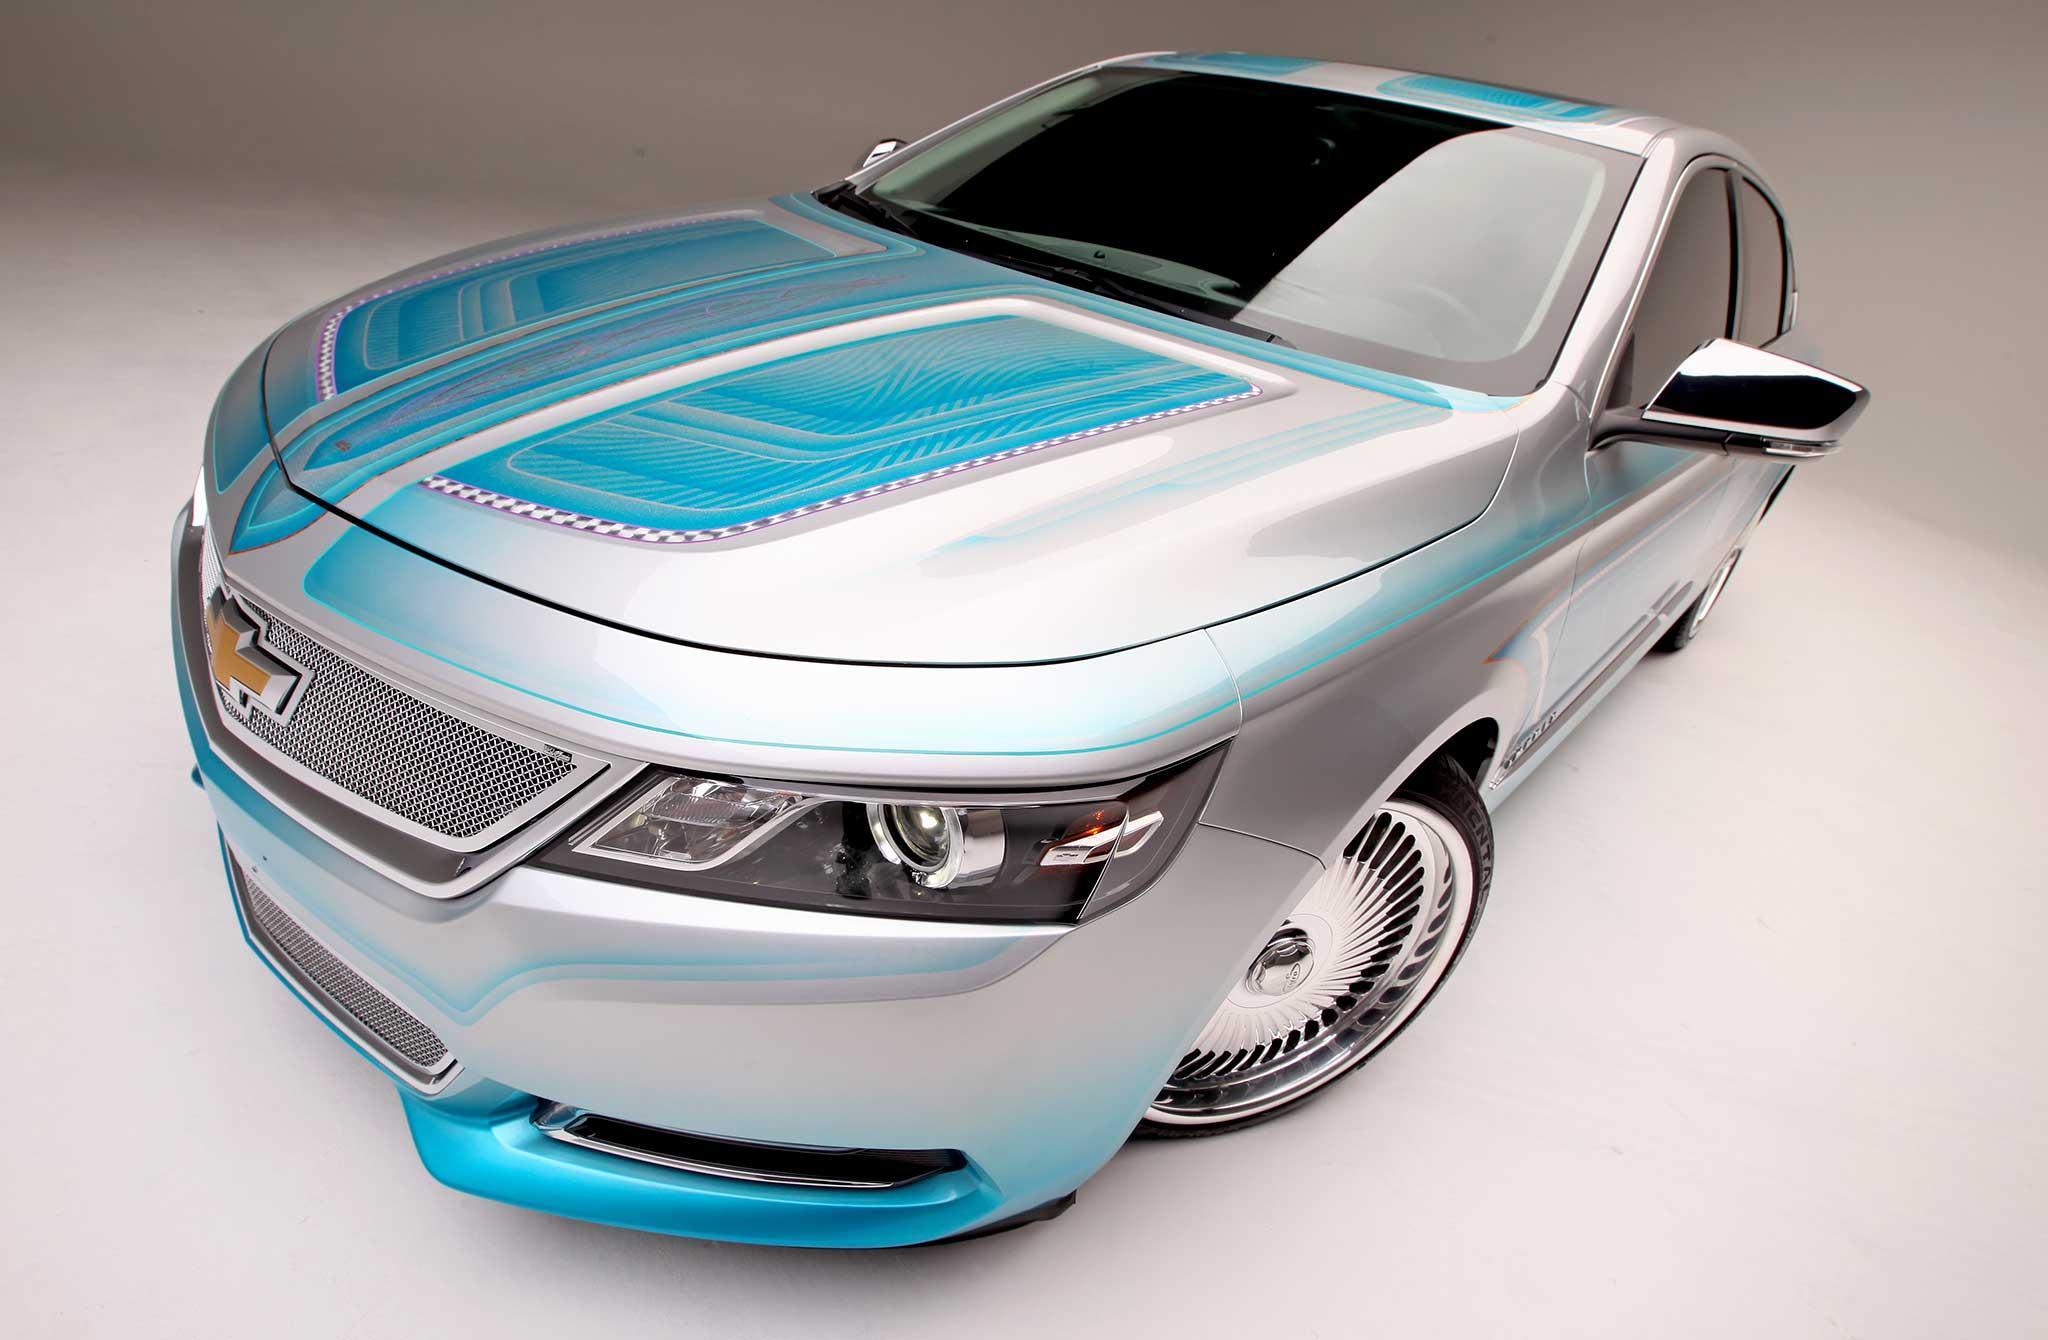 003 2014 chevrolet impala headlight